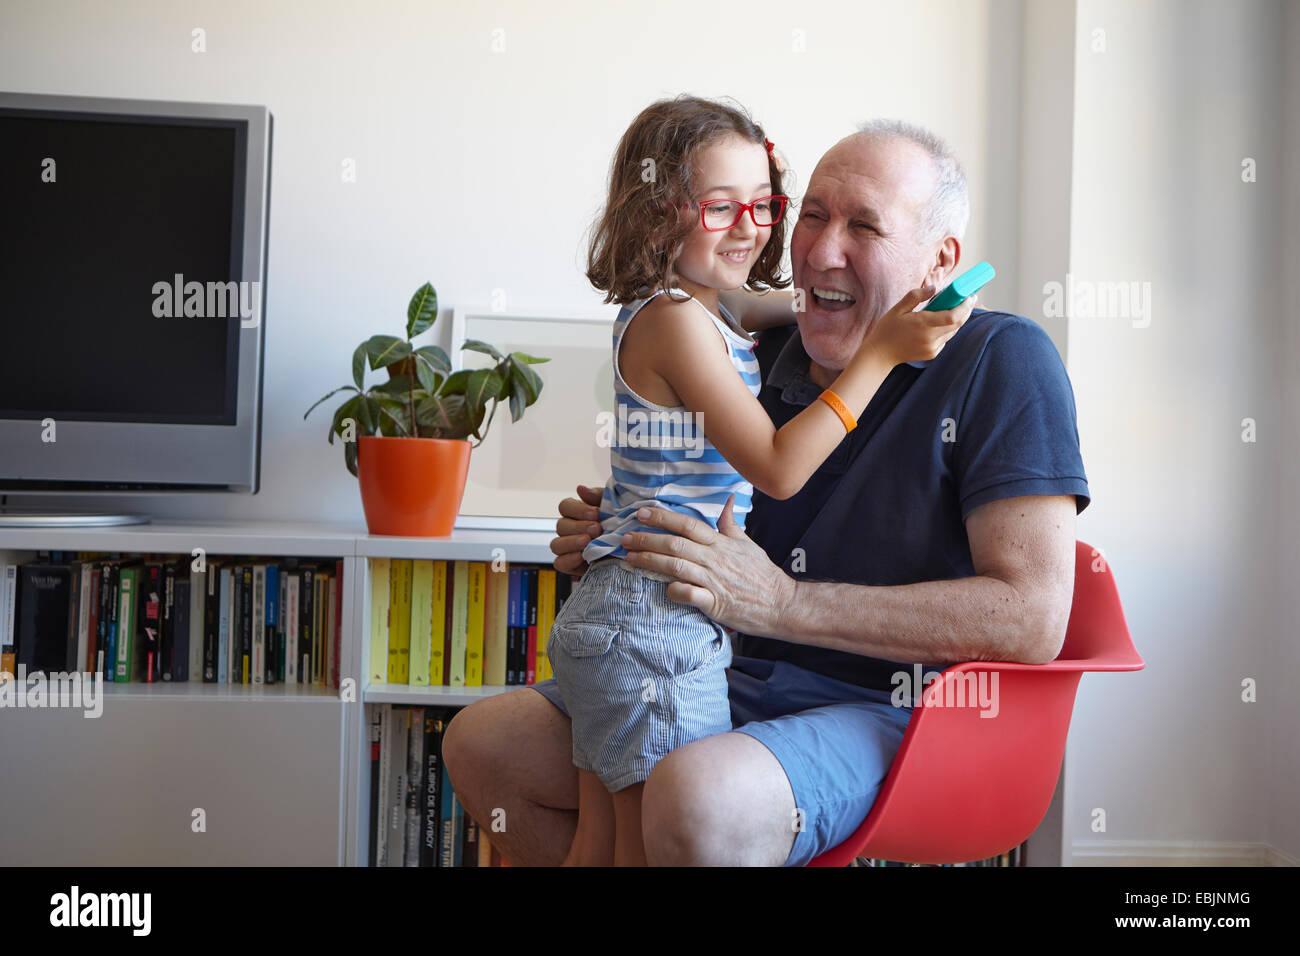 Mädchen und Großvater lachen während Hand spielen statt Computerspiel Stockbild